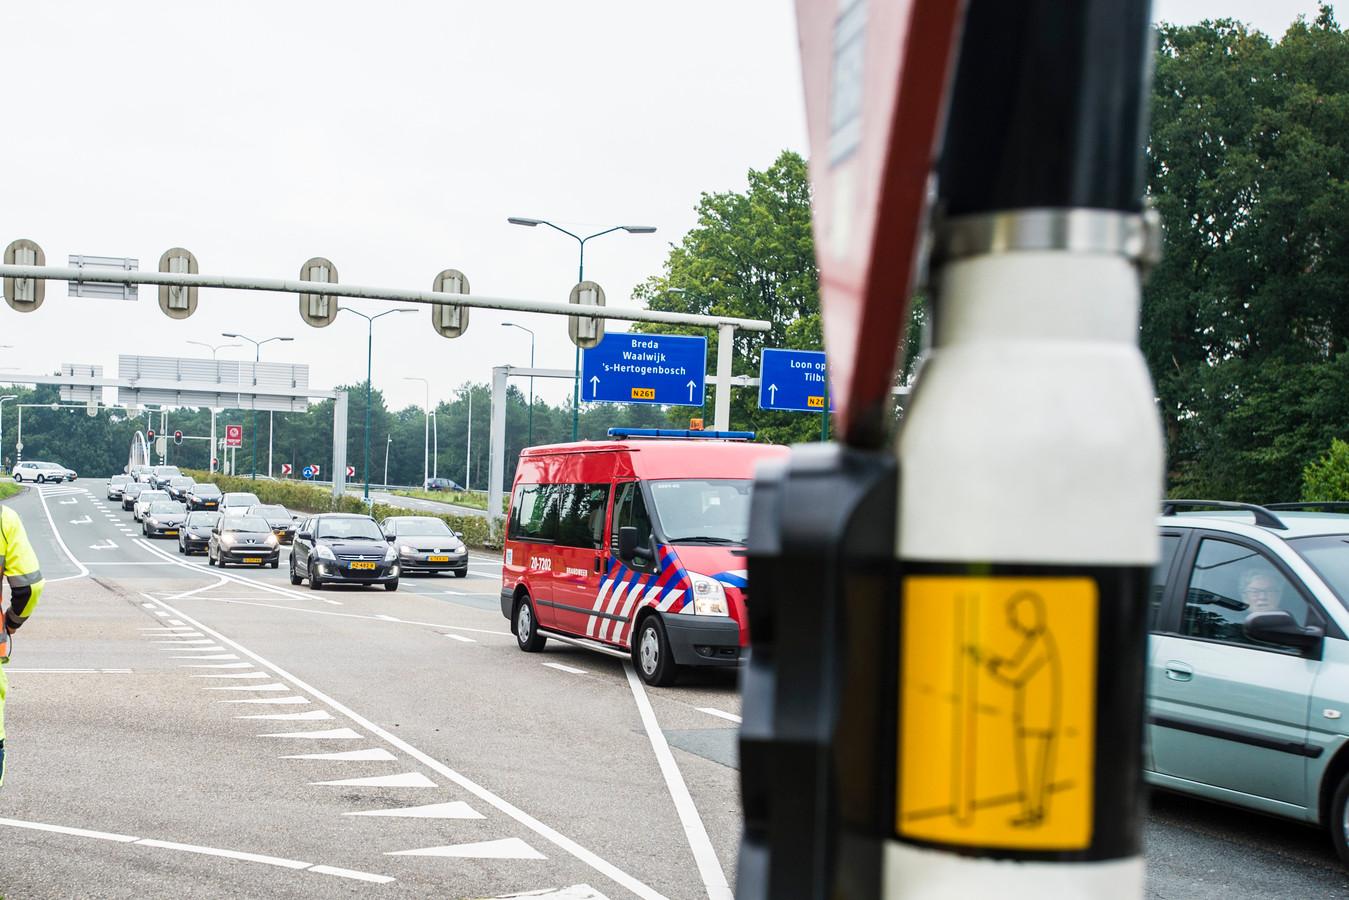 Vanaf juli 2019 hoeft het autoverkeer op de kruising van de Europalaan met de Horst niet meer te wachten voor overstekende voetgangers en fietsers. Die kunnen dan gebruik maken van de nieuwe fietstunnel onder de weg.